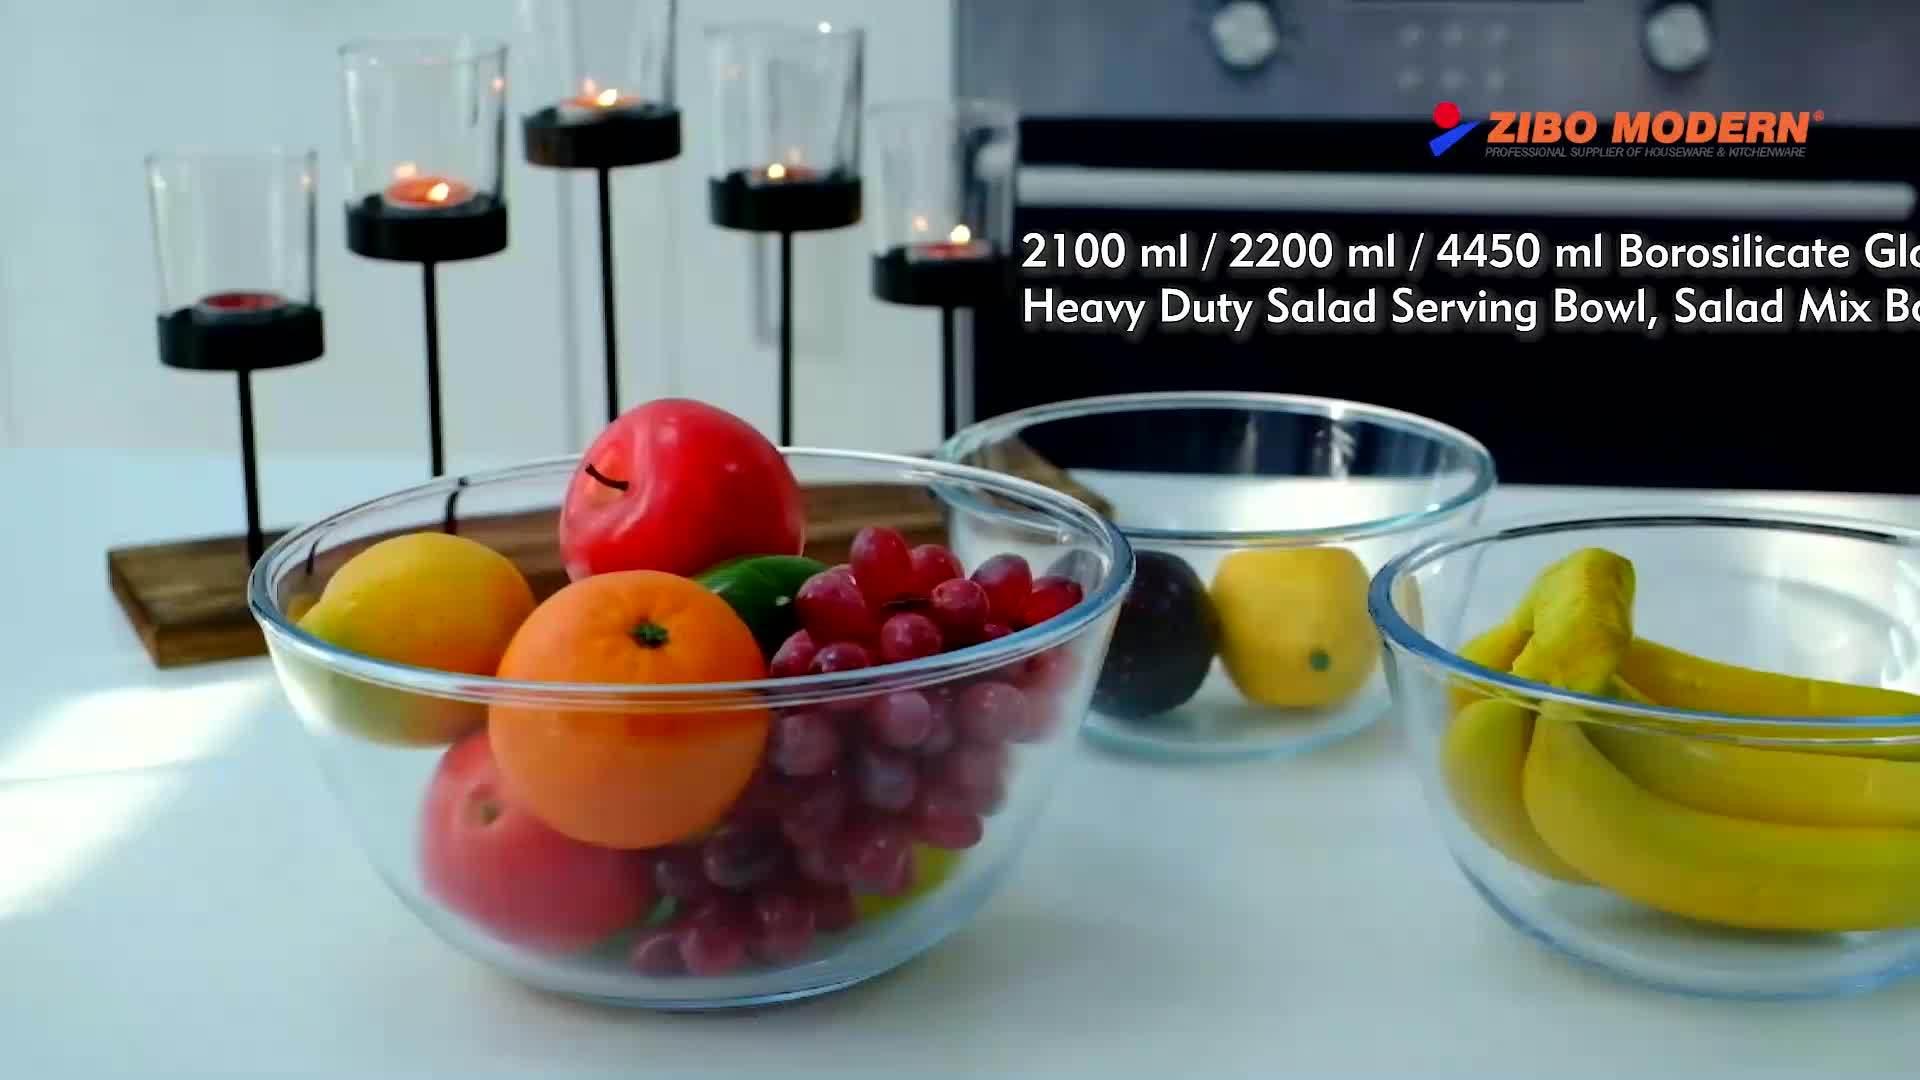 2100 مل / 2200 مل / 4450 مل زجاج بوروسيليكات سلطة للخدمة الشاقة تخدم الحوض، سلطة مزيج وعاء